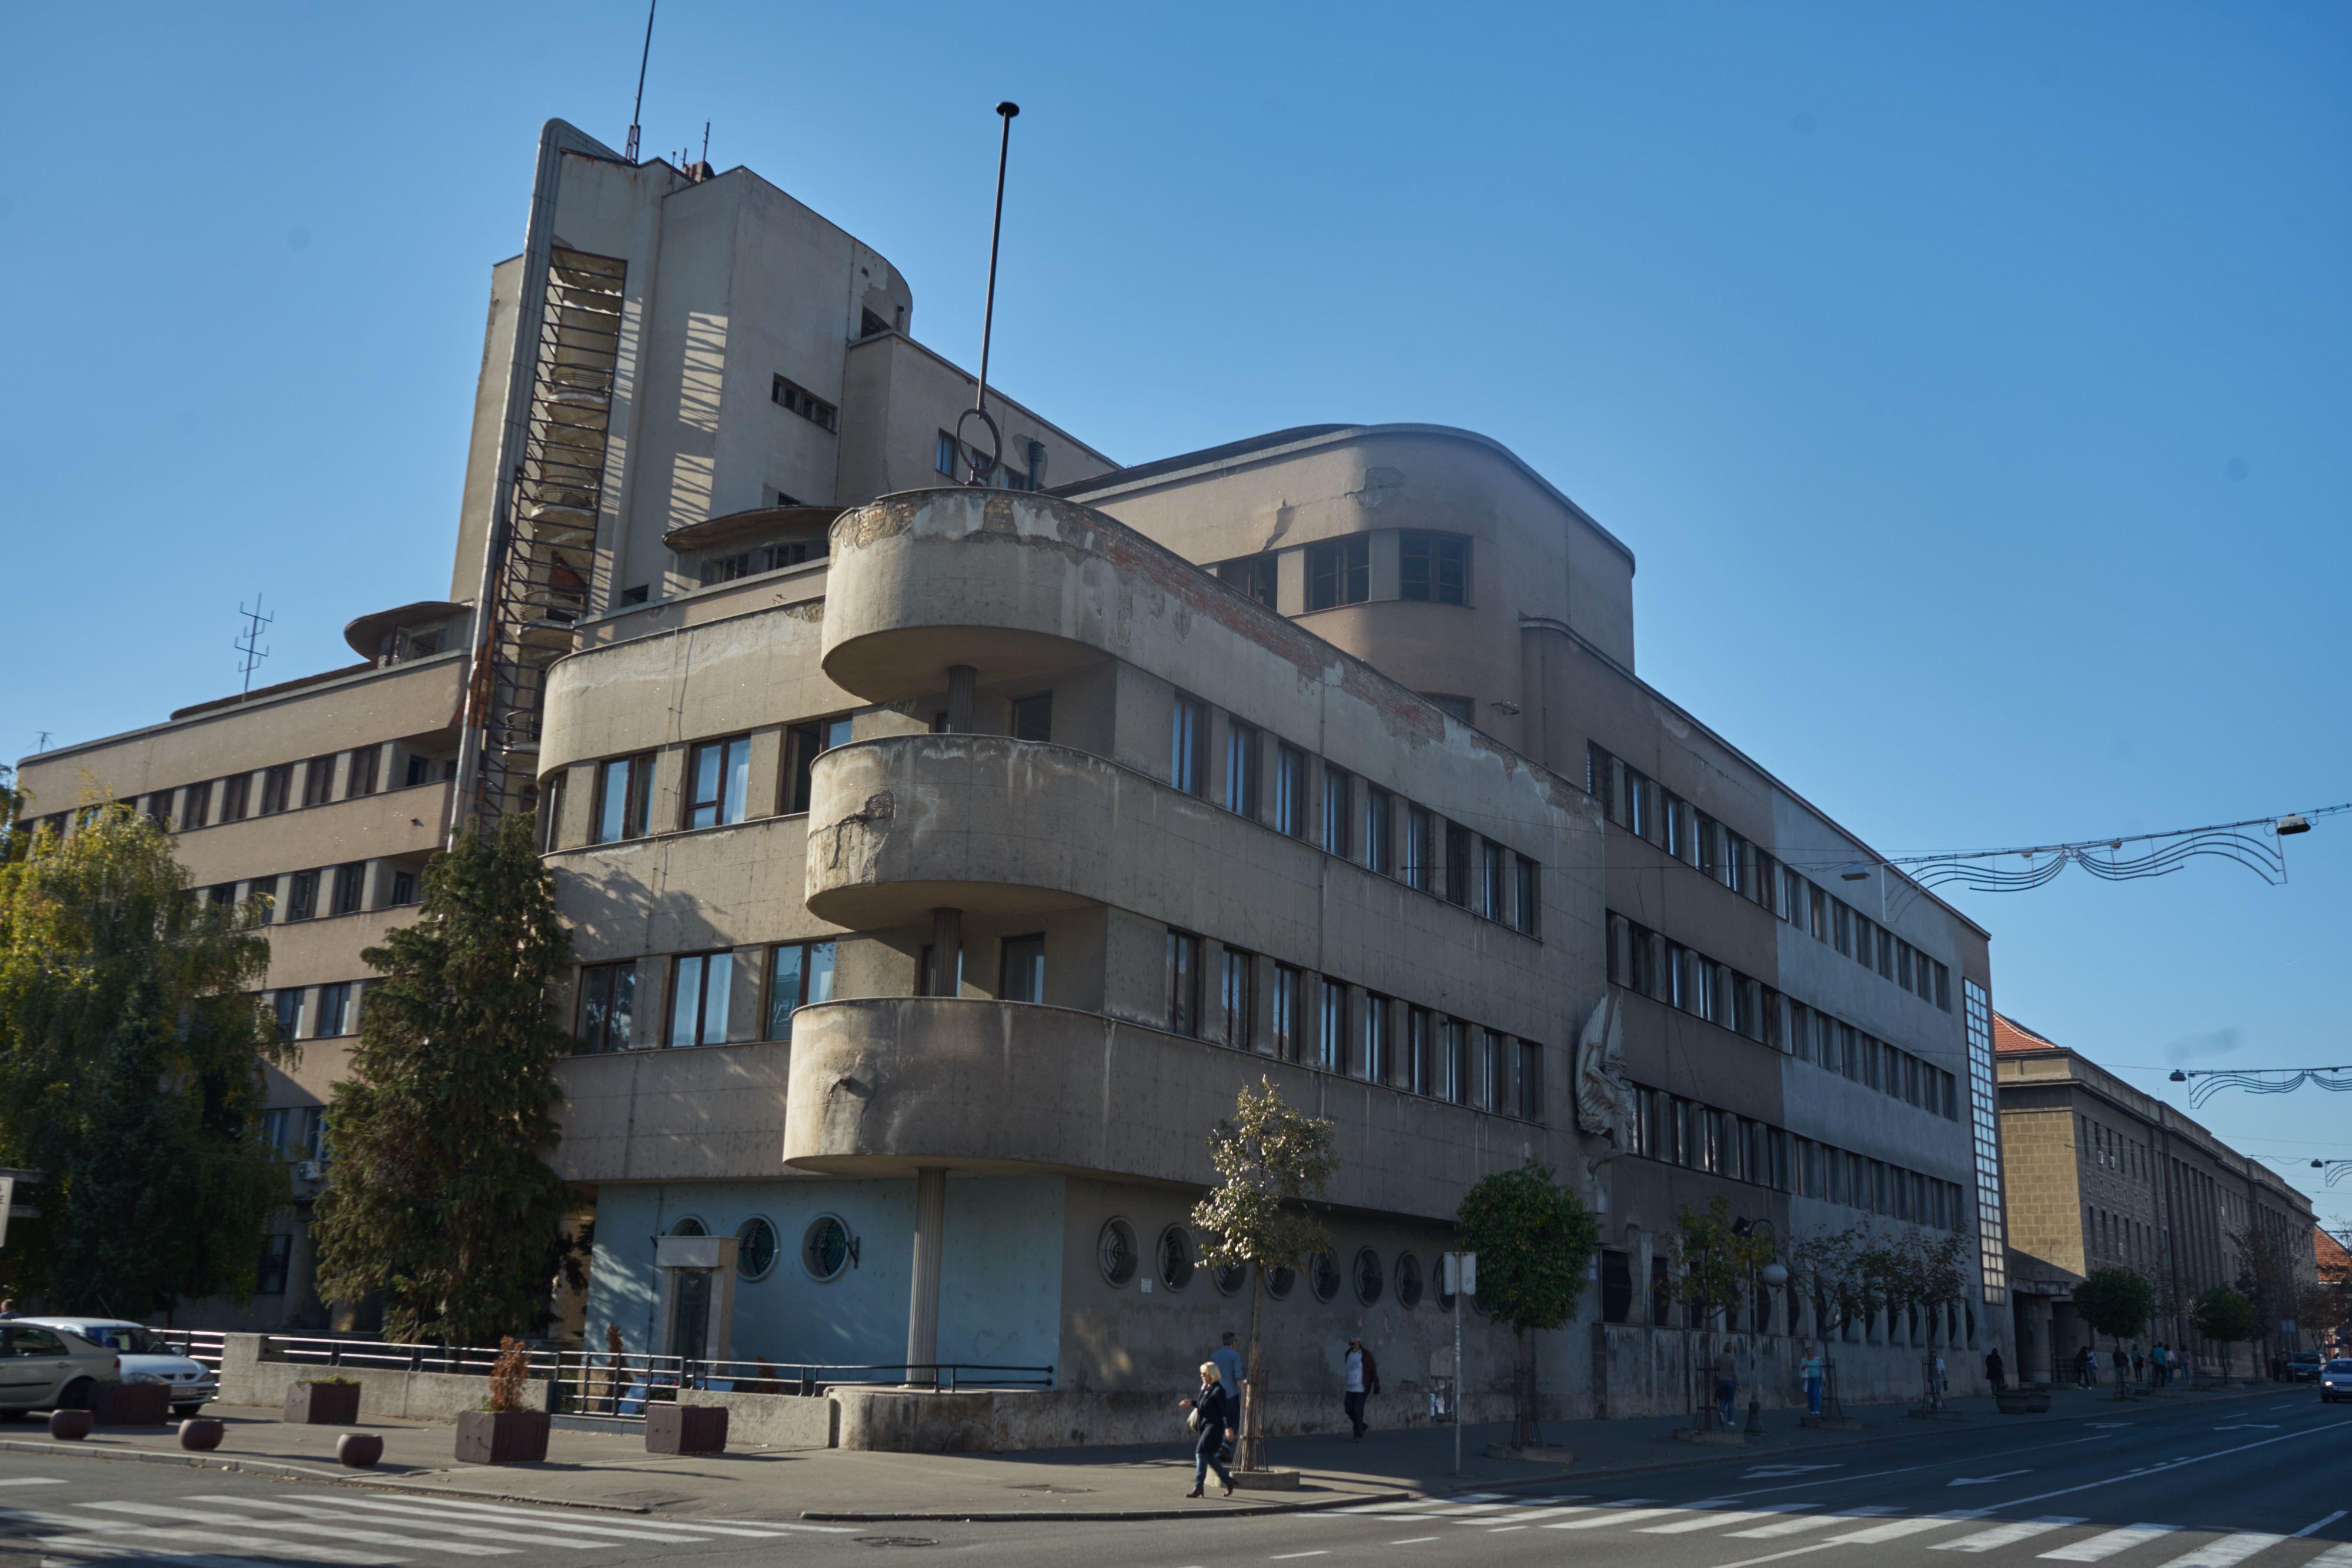 Hauptquartier der luftwaffe zedun gebaut von dragi a - Postmoderne architektur ...